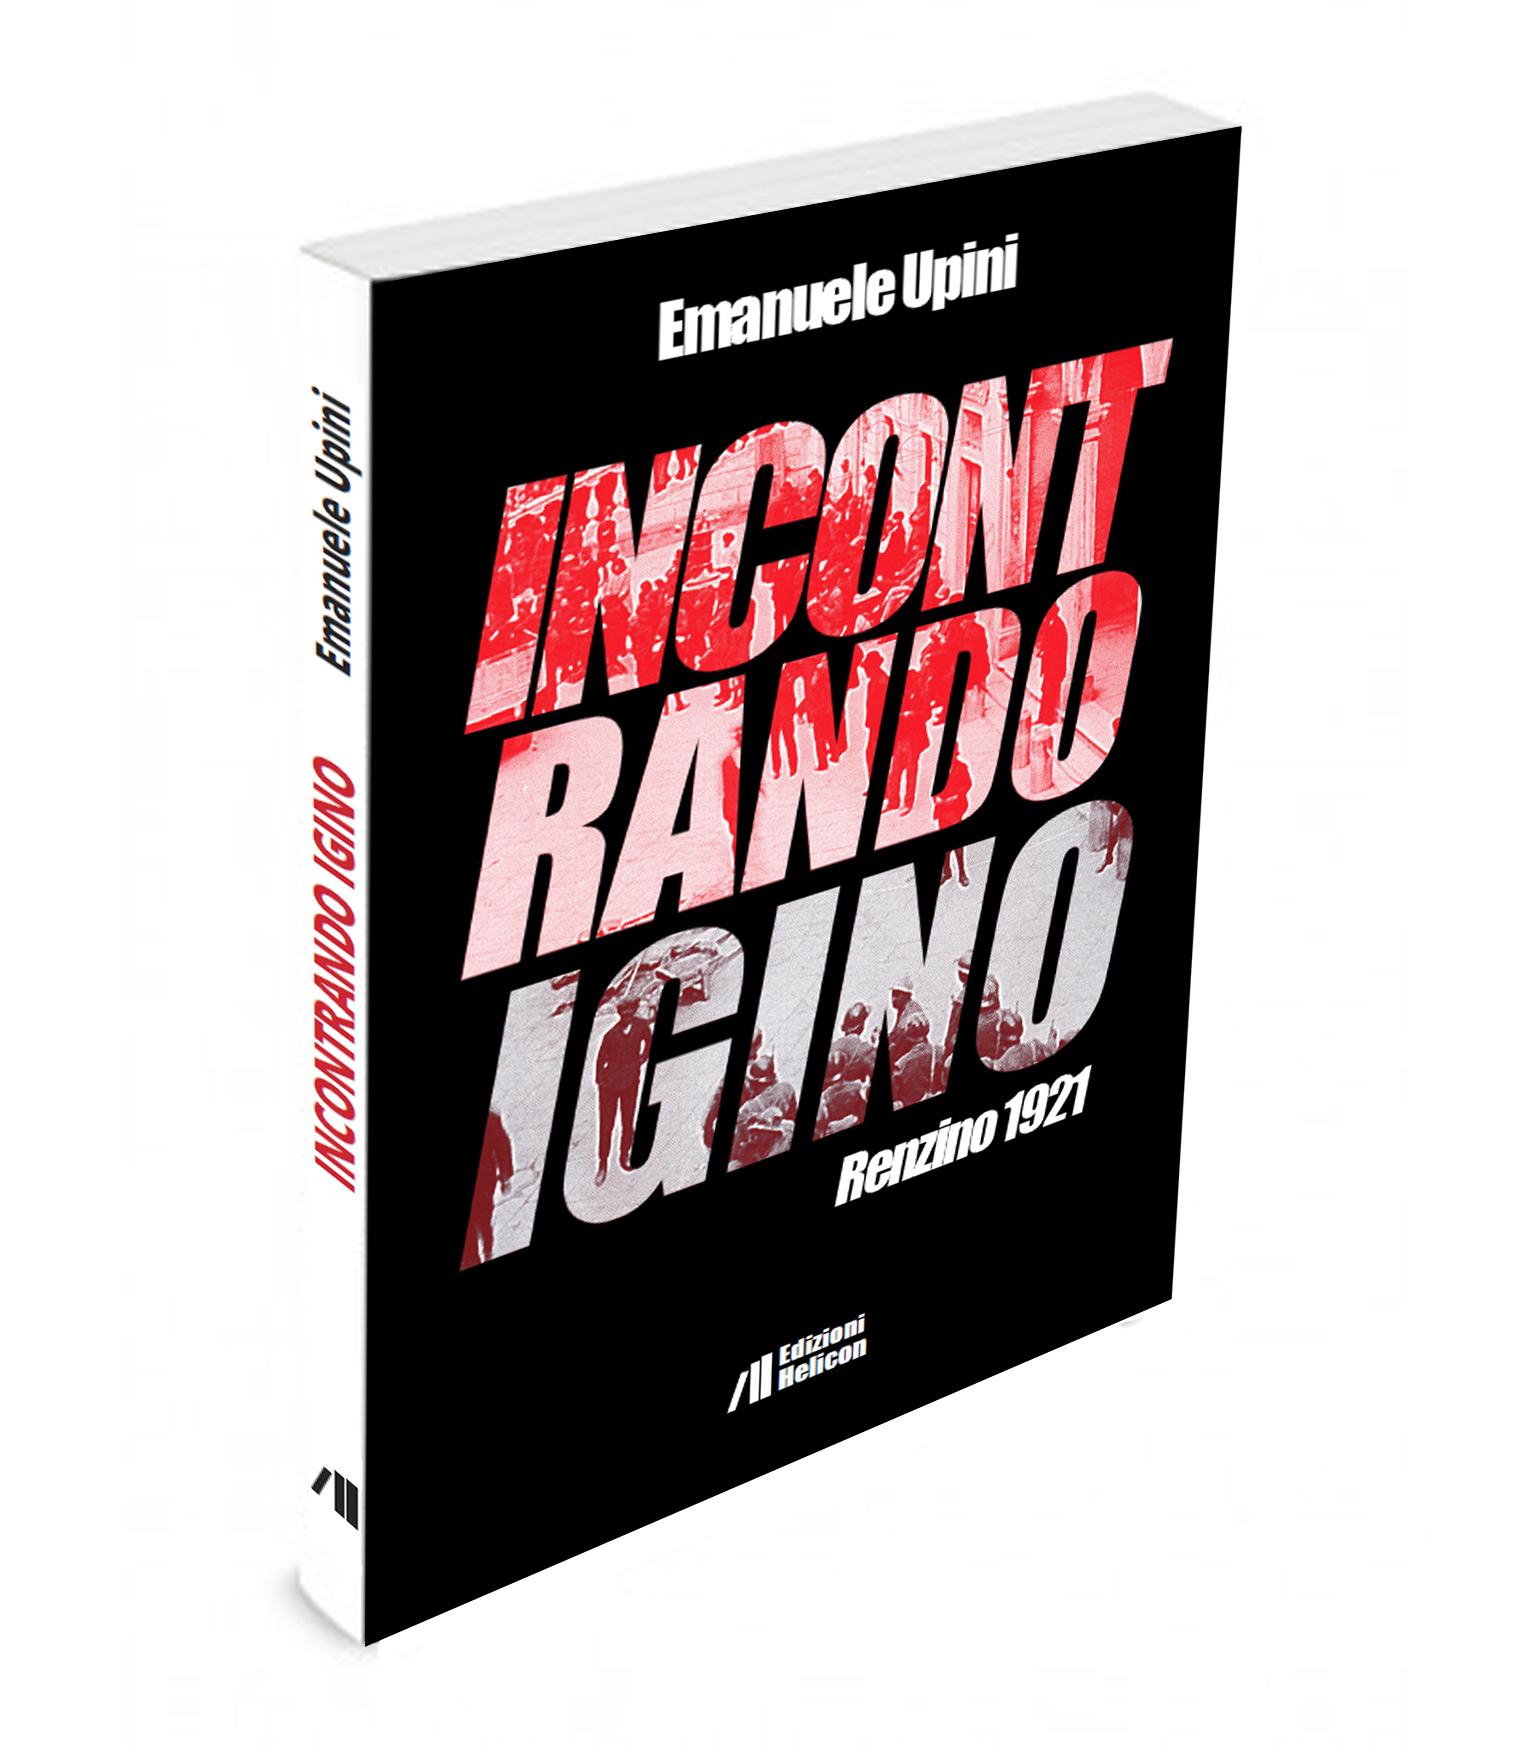 Un romanzo storico sui fatti di Renzino: sabato 12 la presentazione